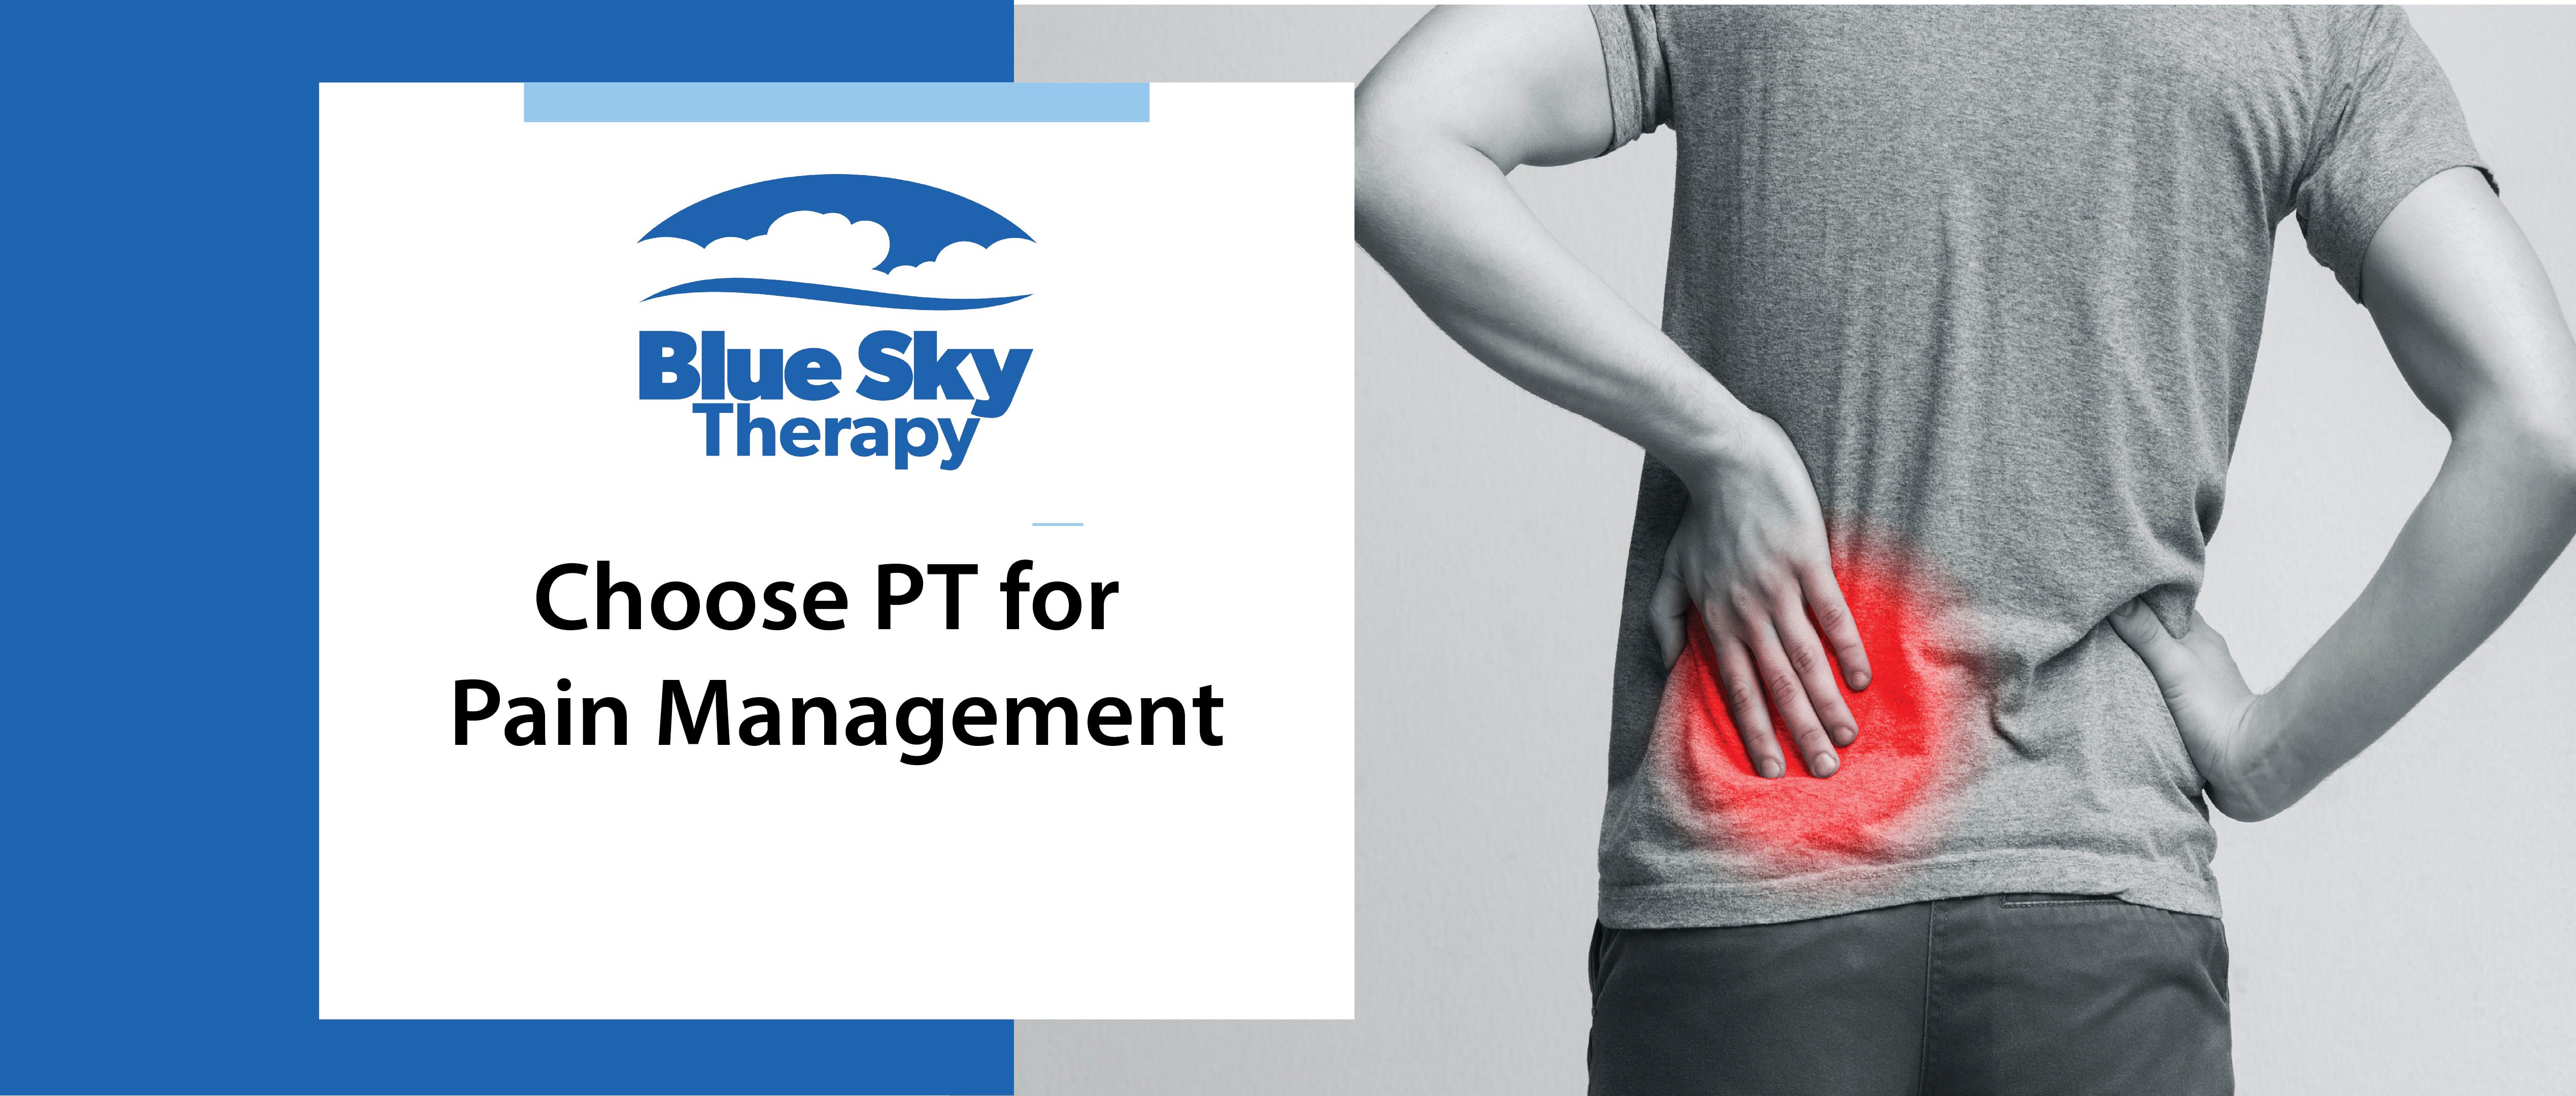 Choose PT for Pain Management